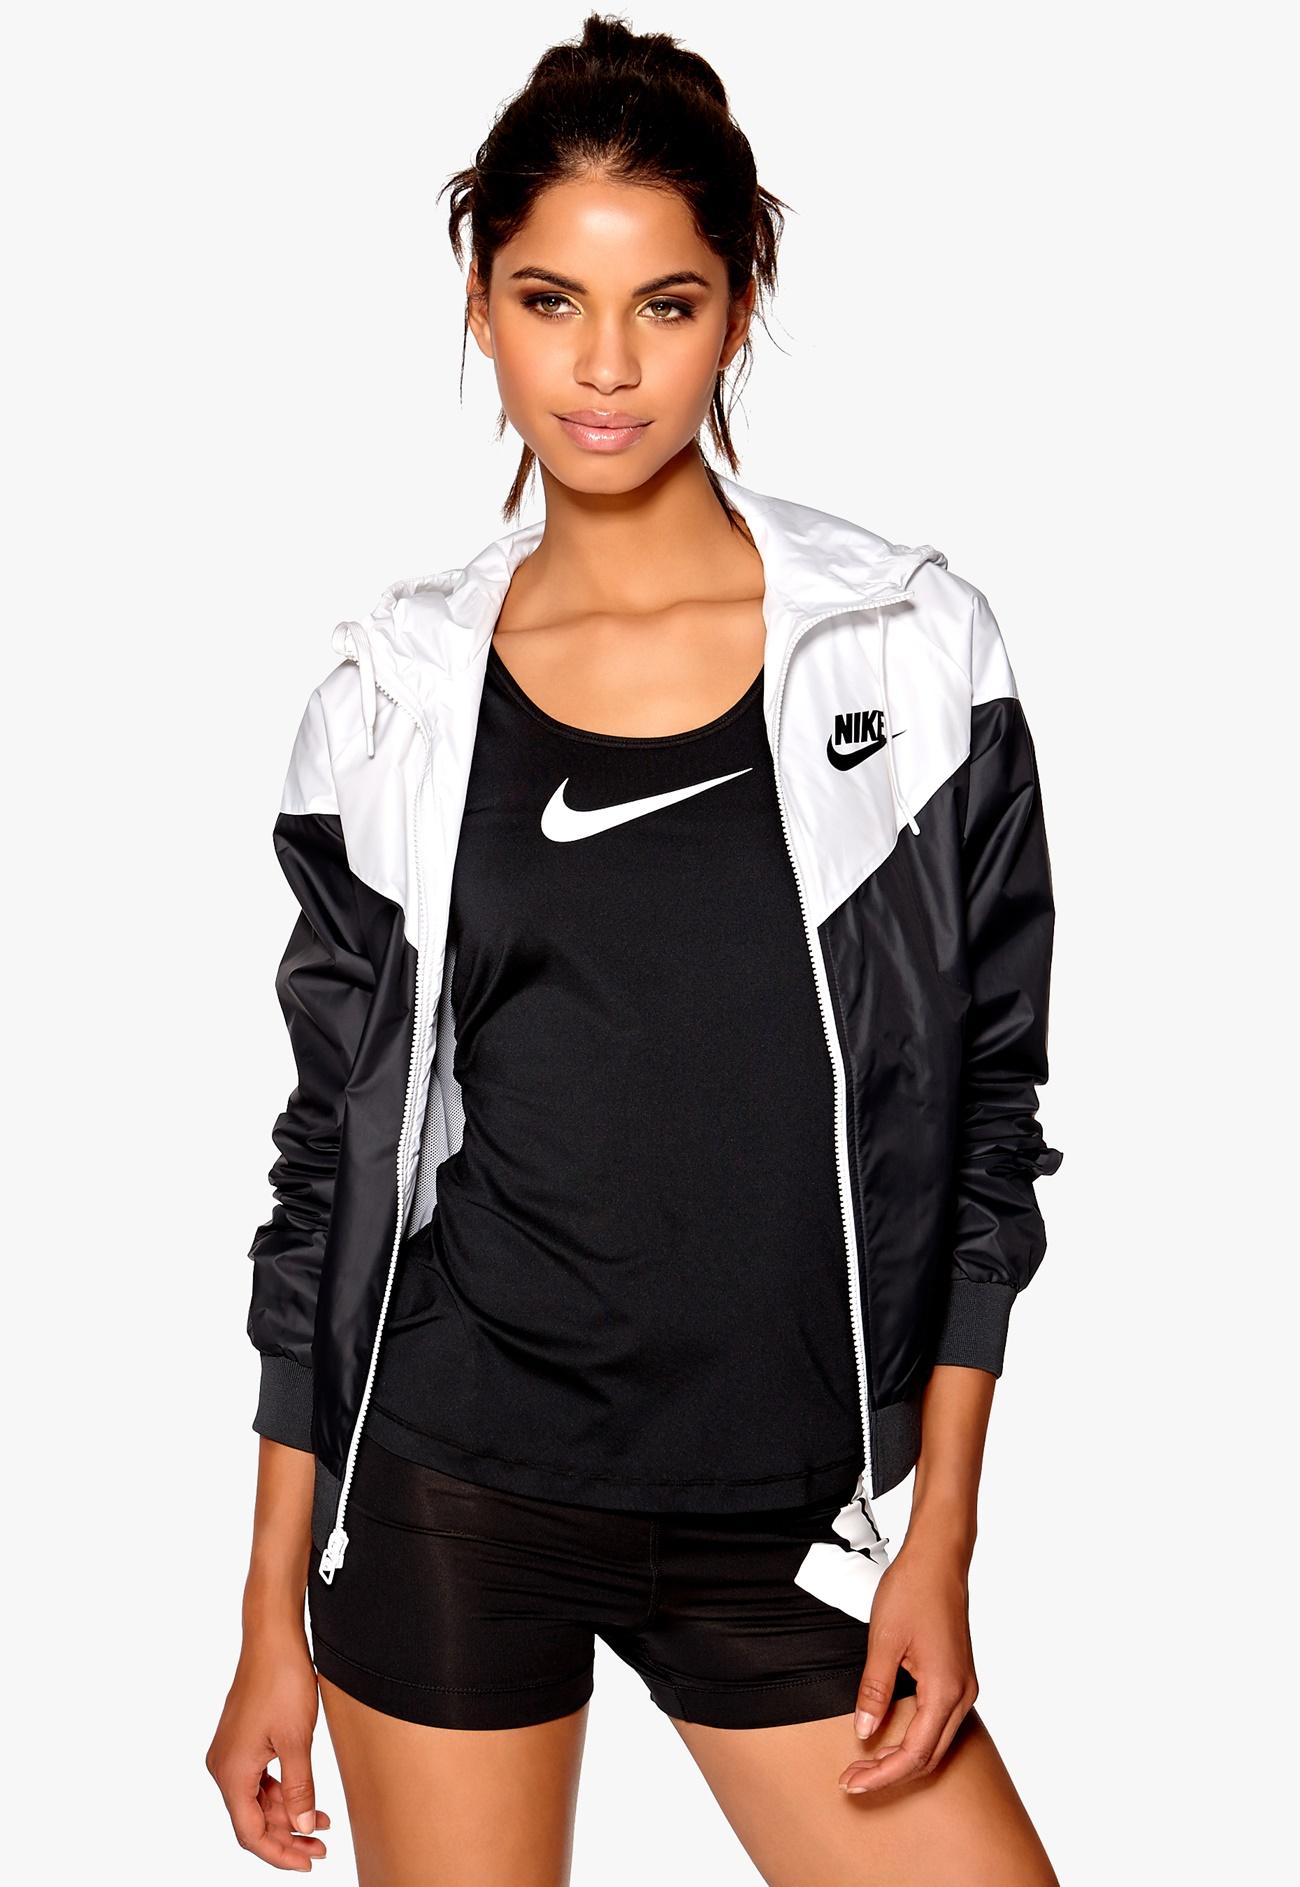 Nike Windrunner Jacket Black And White unit4motors.co.uk 3b6e60acea